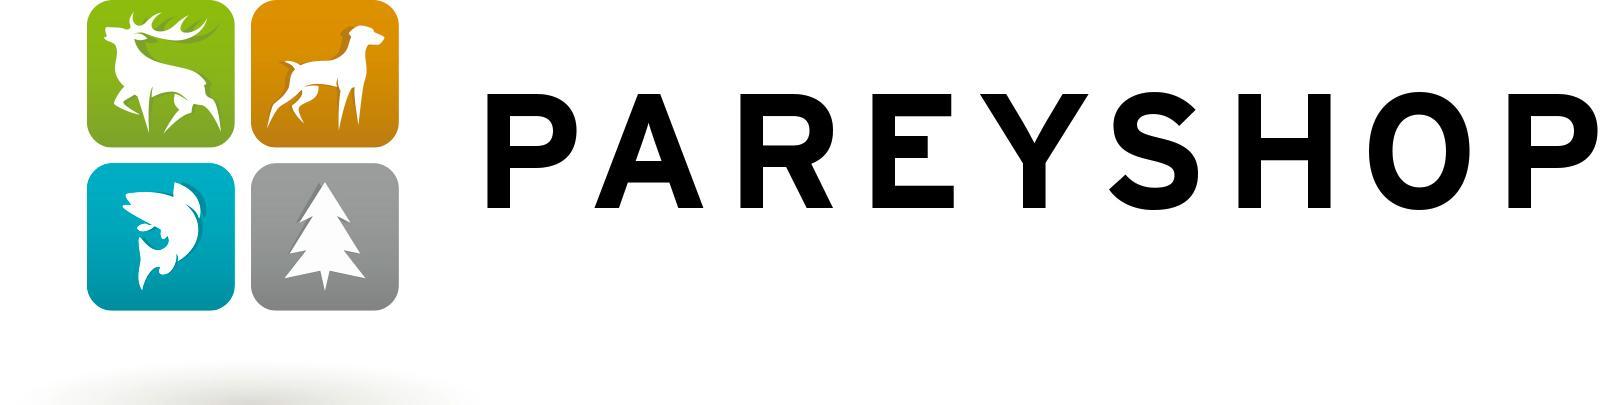 Pareyshop- Logo - Bewertungen